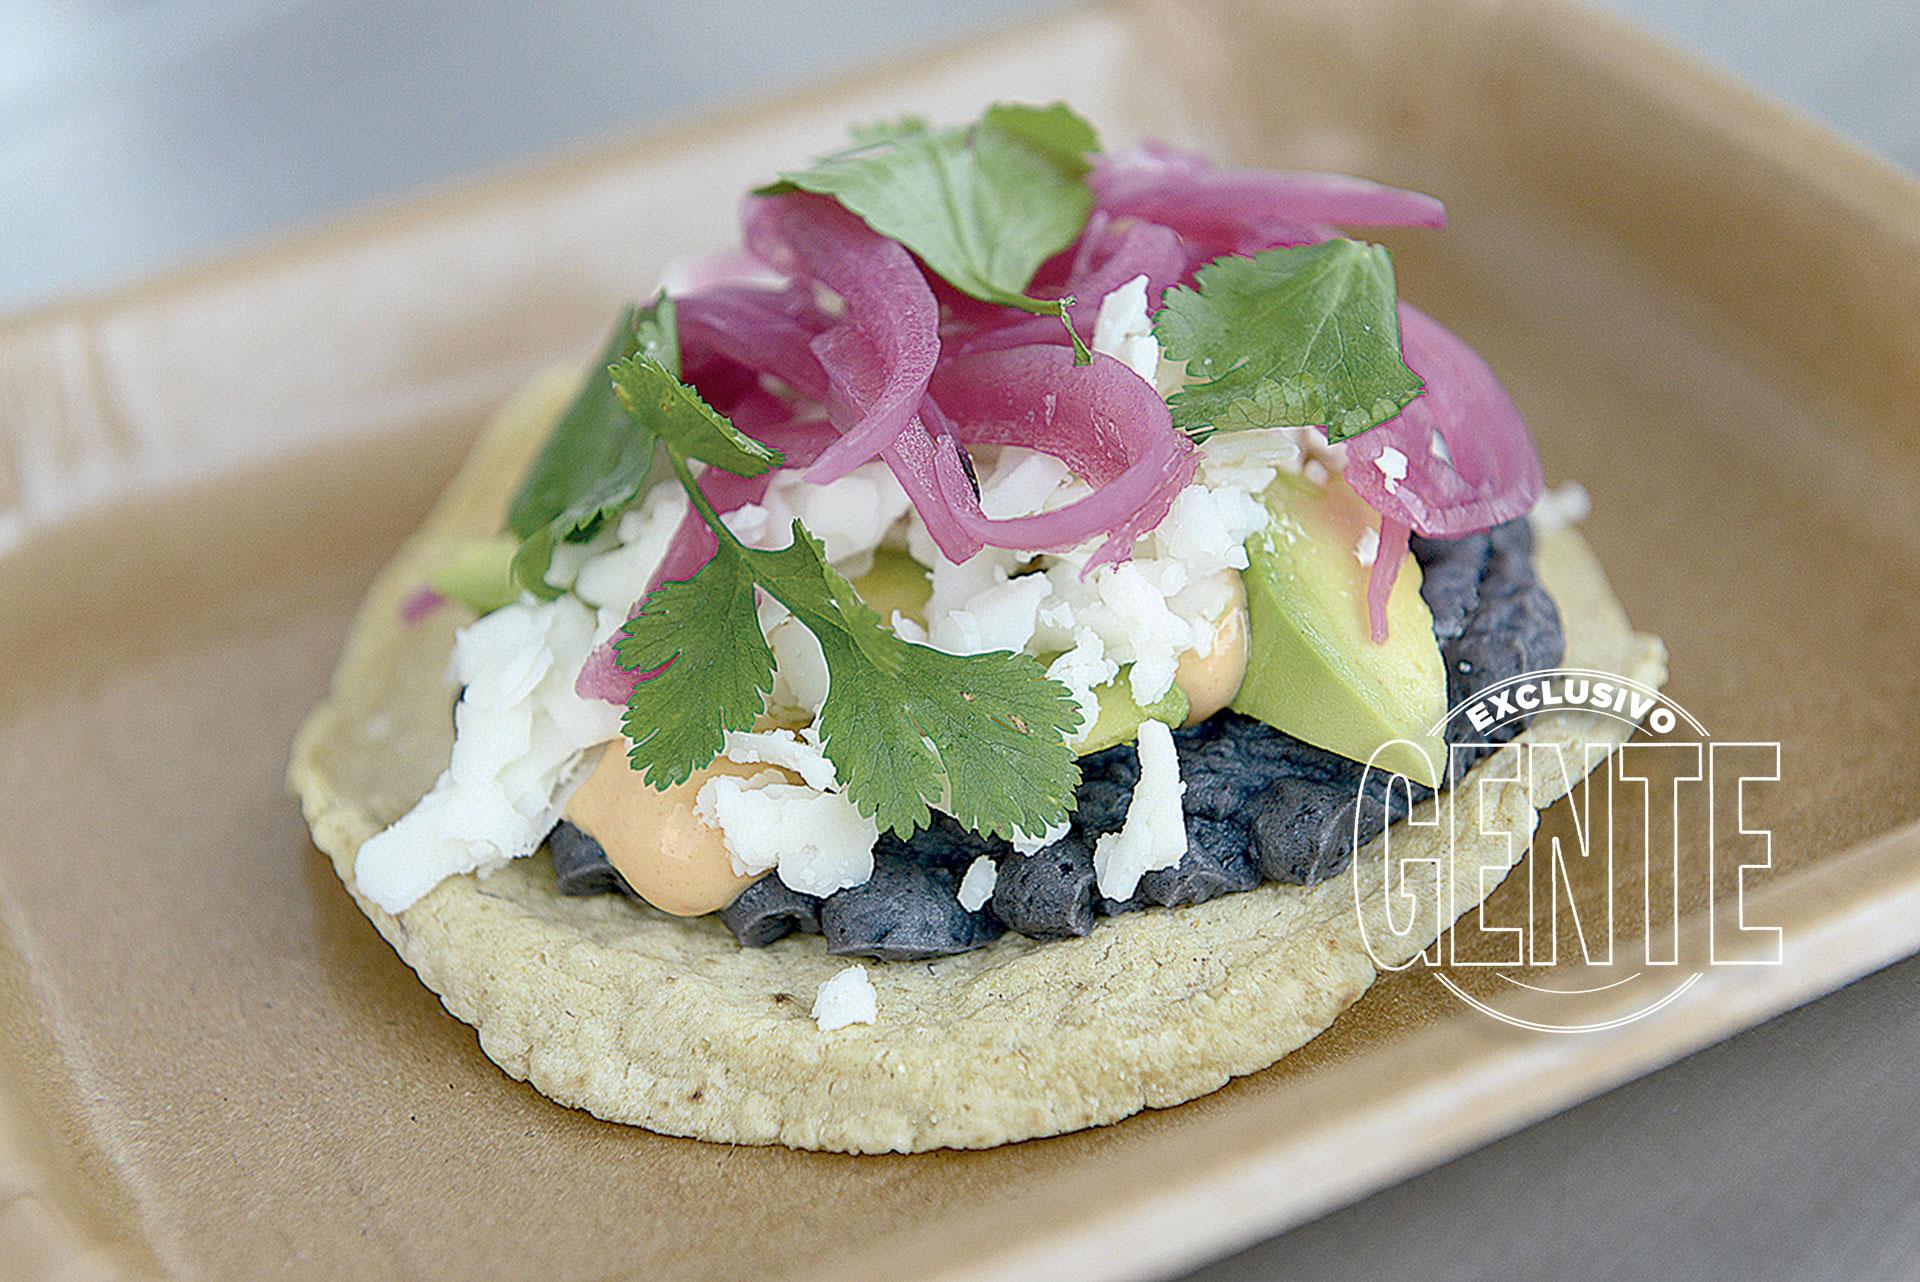 Orilla. Tostada mexicana de vegetales.